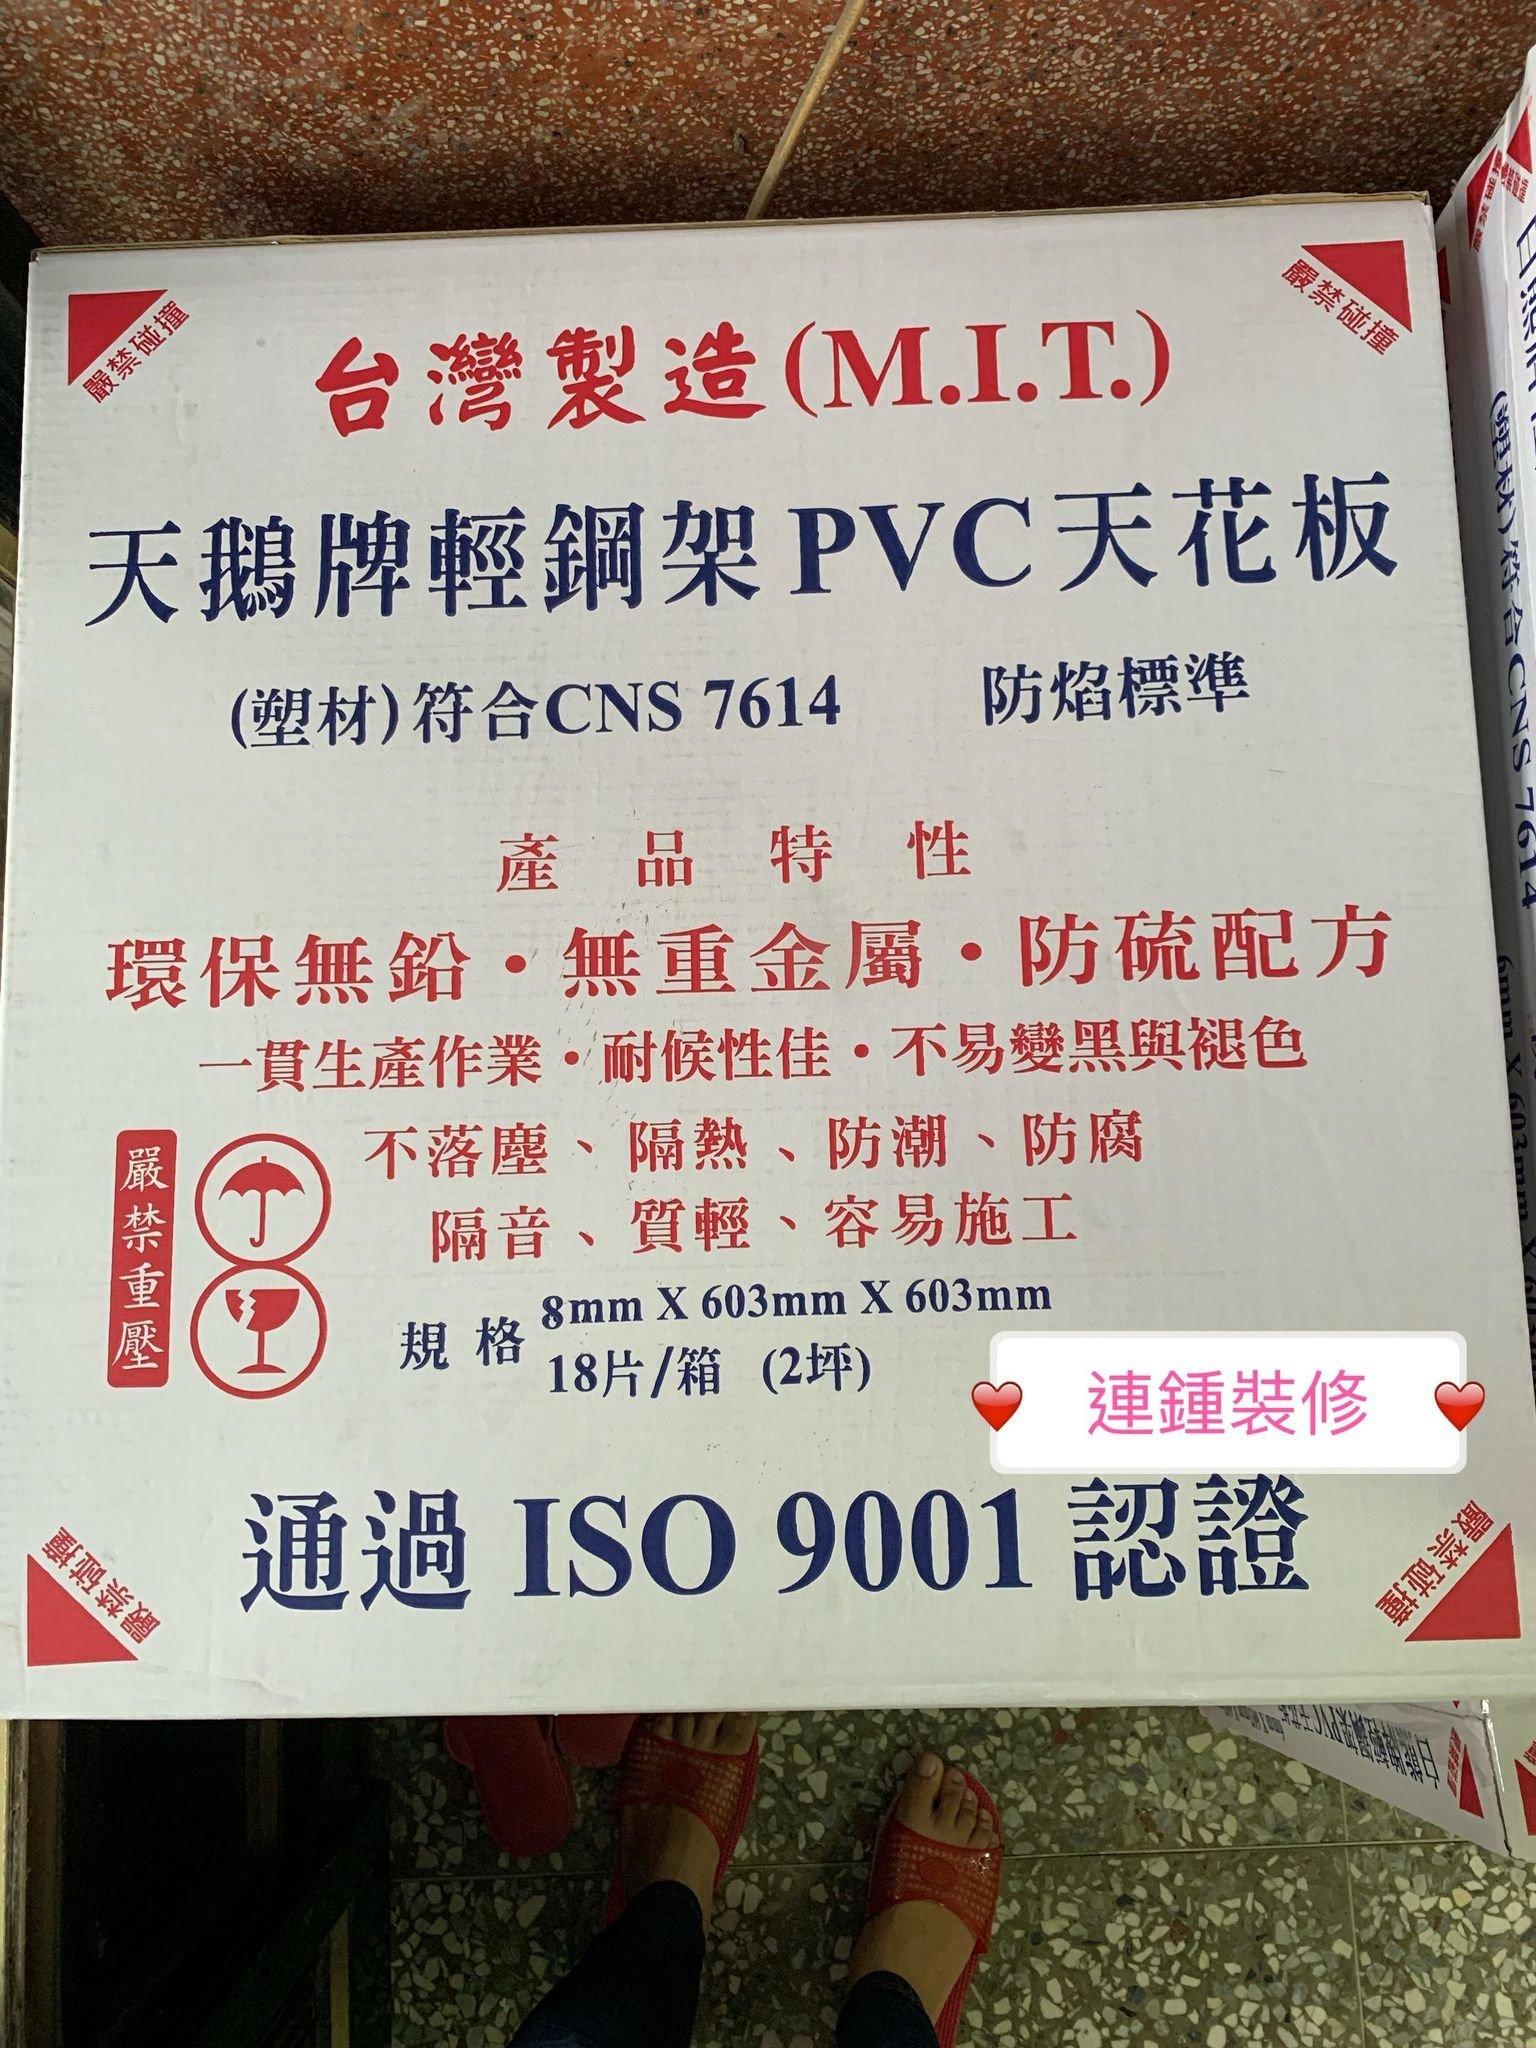 天鵝牌 PVC 塑鋼板 塑膠板 浴室天花 台灣製 輕鋼架 天花板 明架 DIY 輕隔間 防潮 可水洗 防水 一級防火耐燃